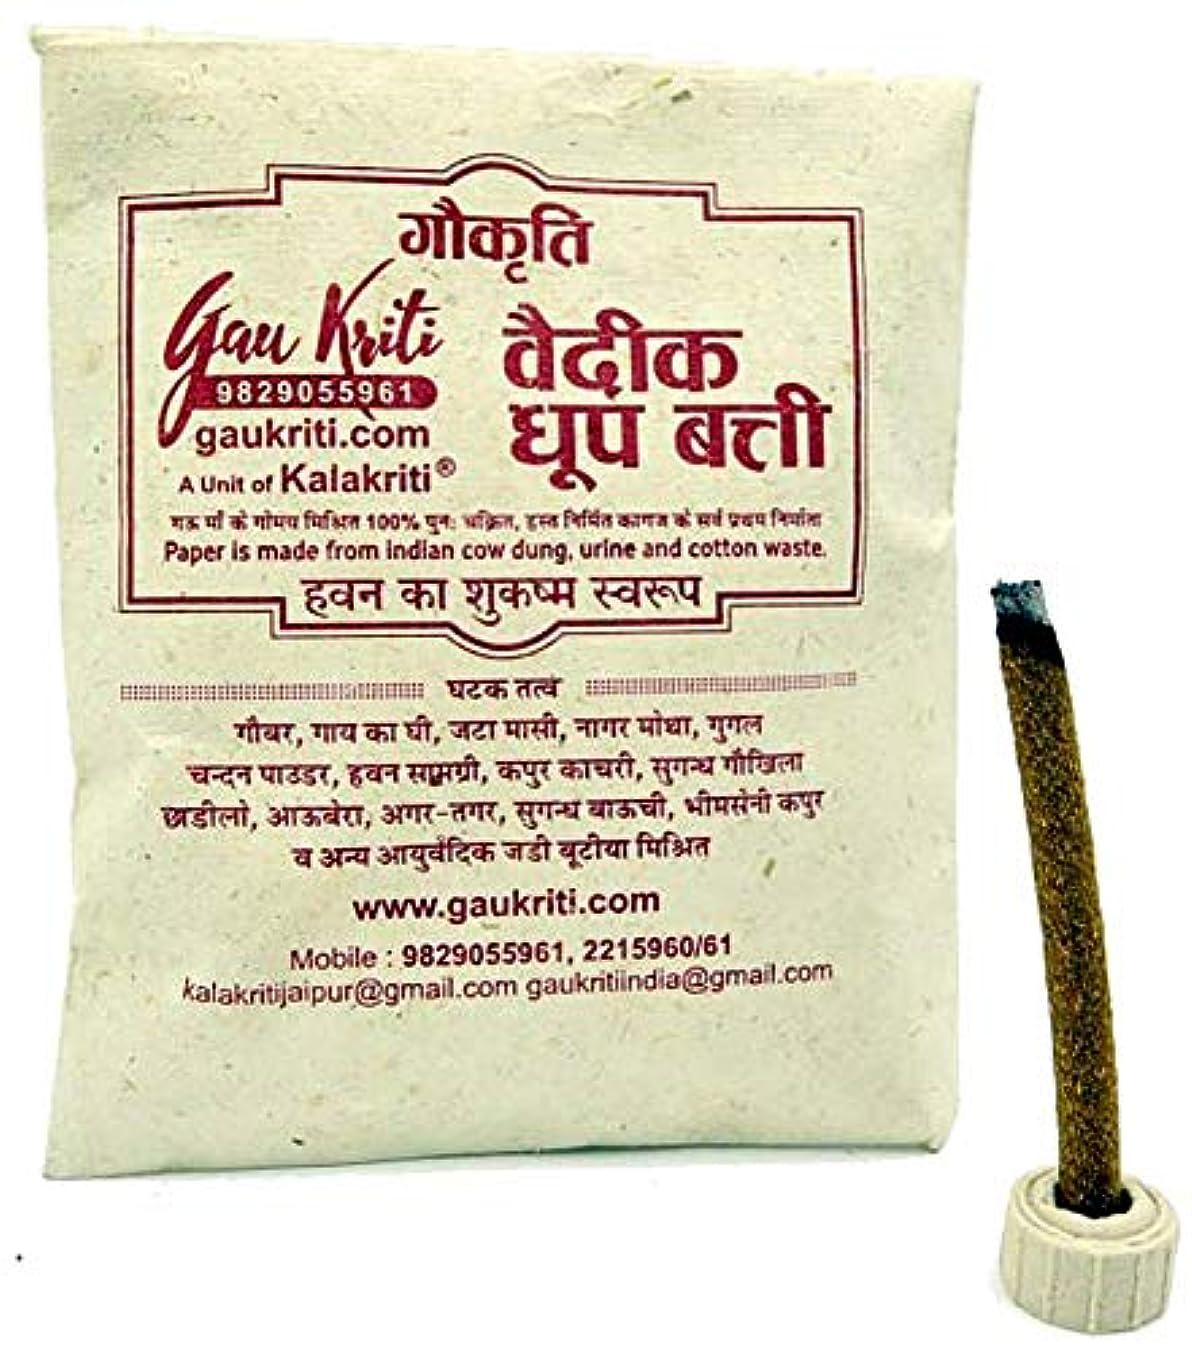 しょっぱいレーザ彼自身Gau Kriti Vadic Dhoop Batti Made of Cow Dung Incense Sticks 3.5